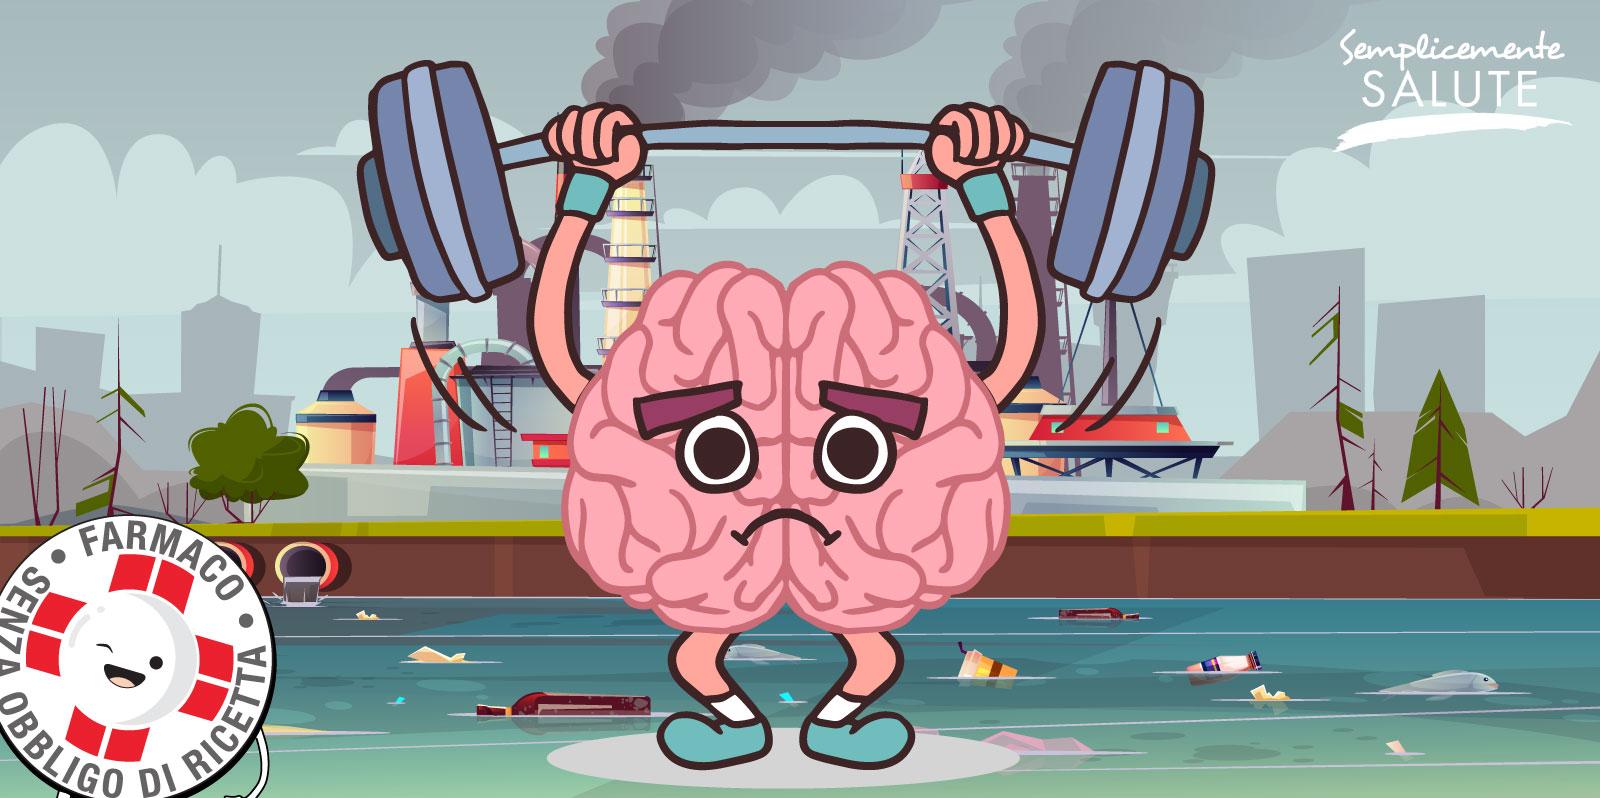 Troppo inquinamento cervello in tilt